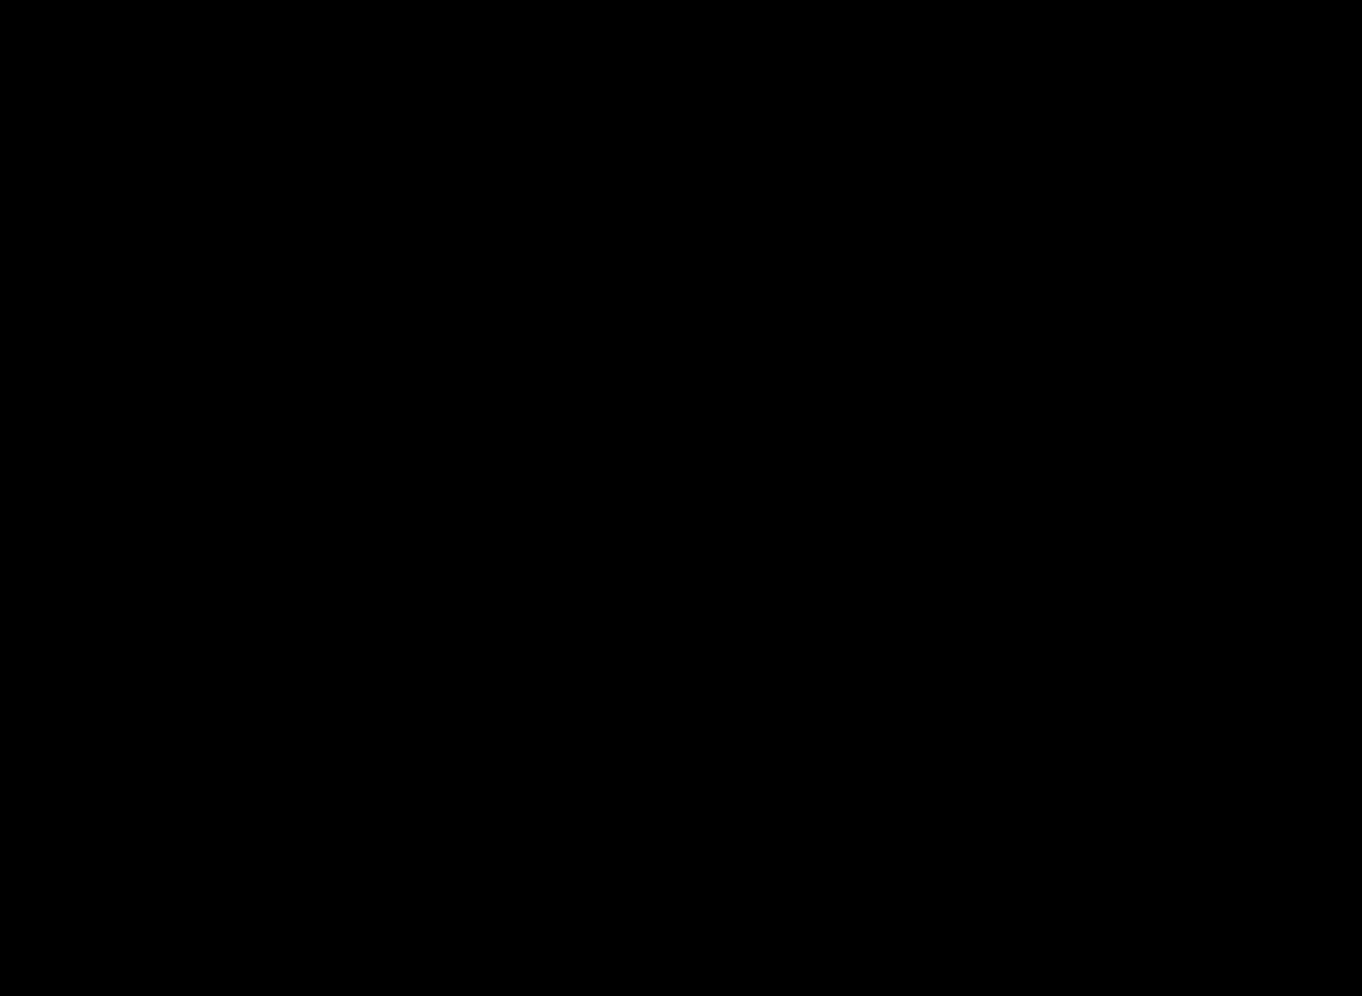 1362x996 Dragon Silhouette Vector Graphic